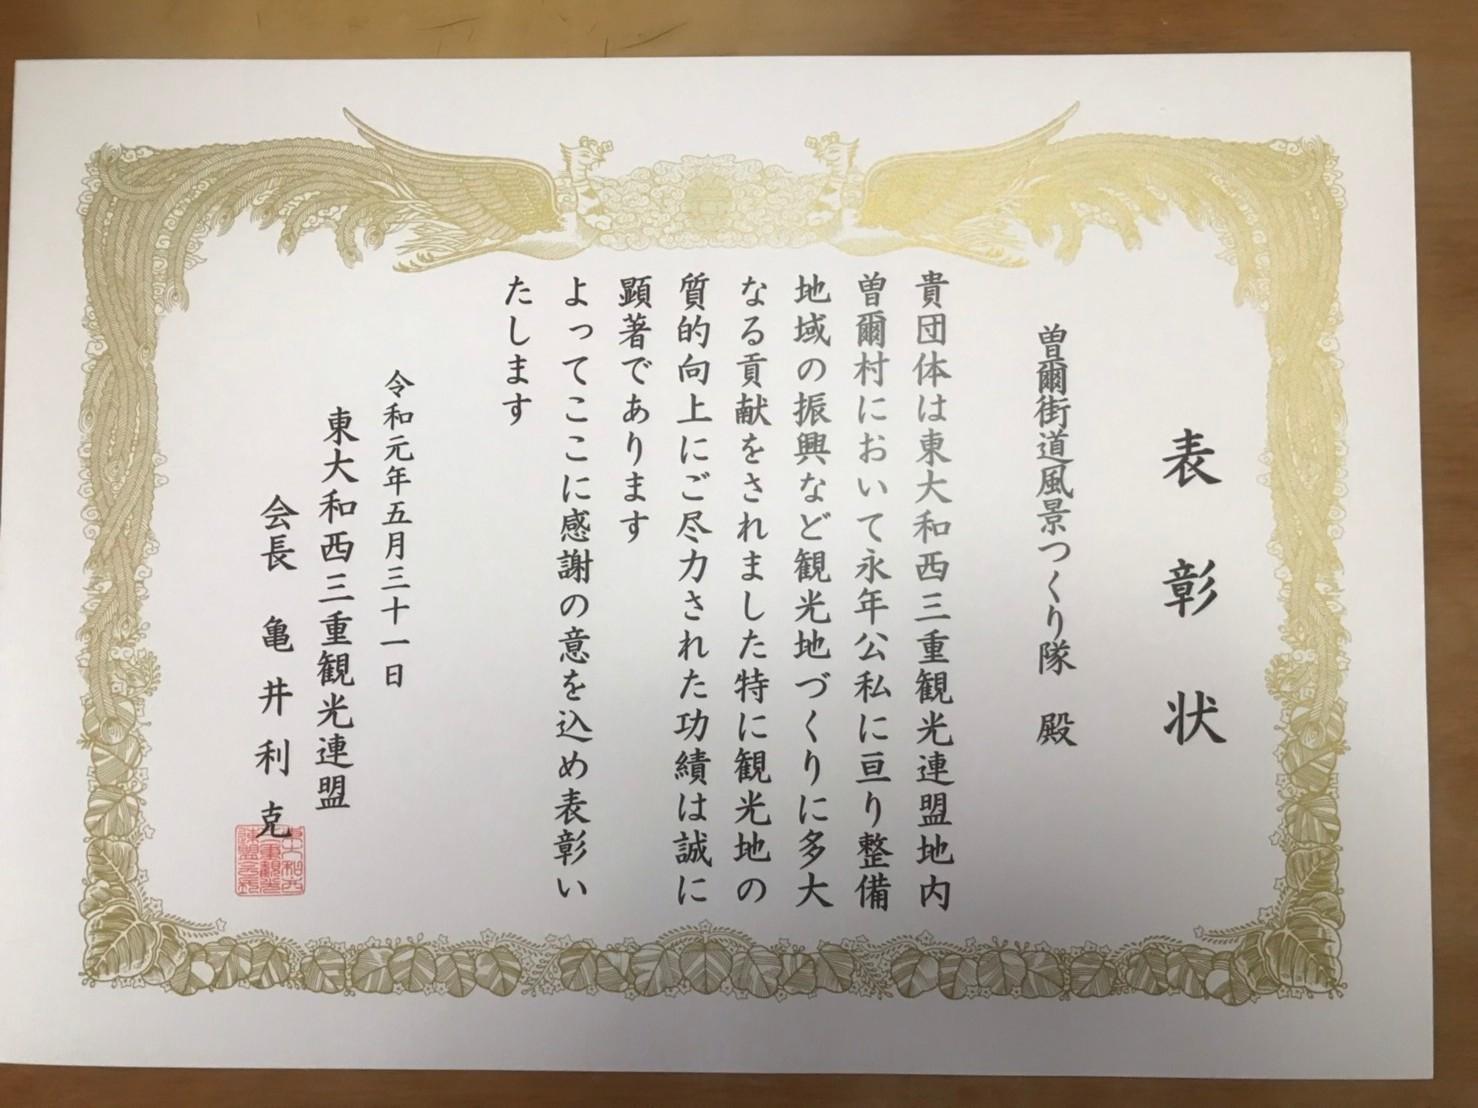 2019/6/22 花街道づくり_a0277170_11530787.jpg